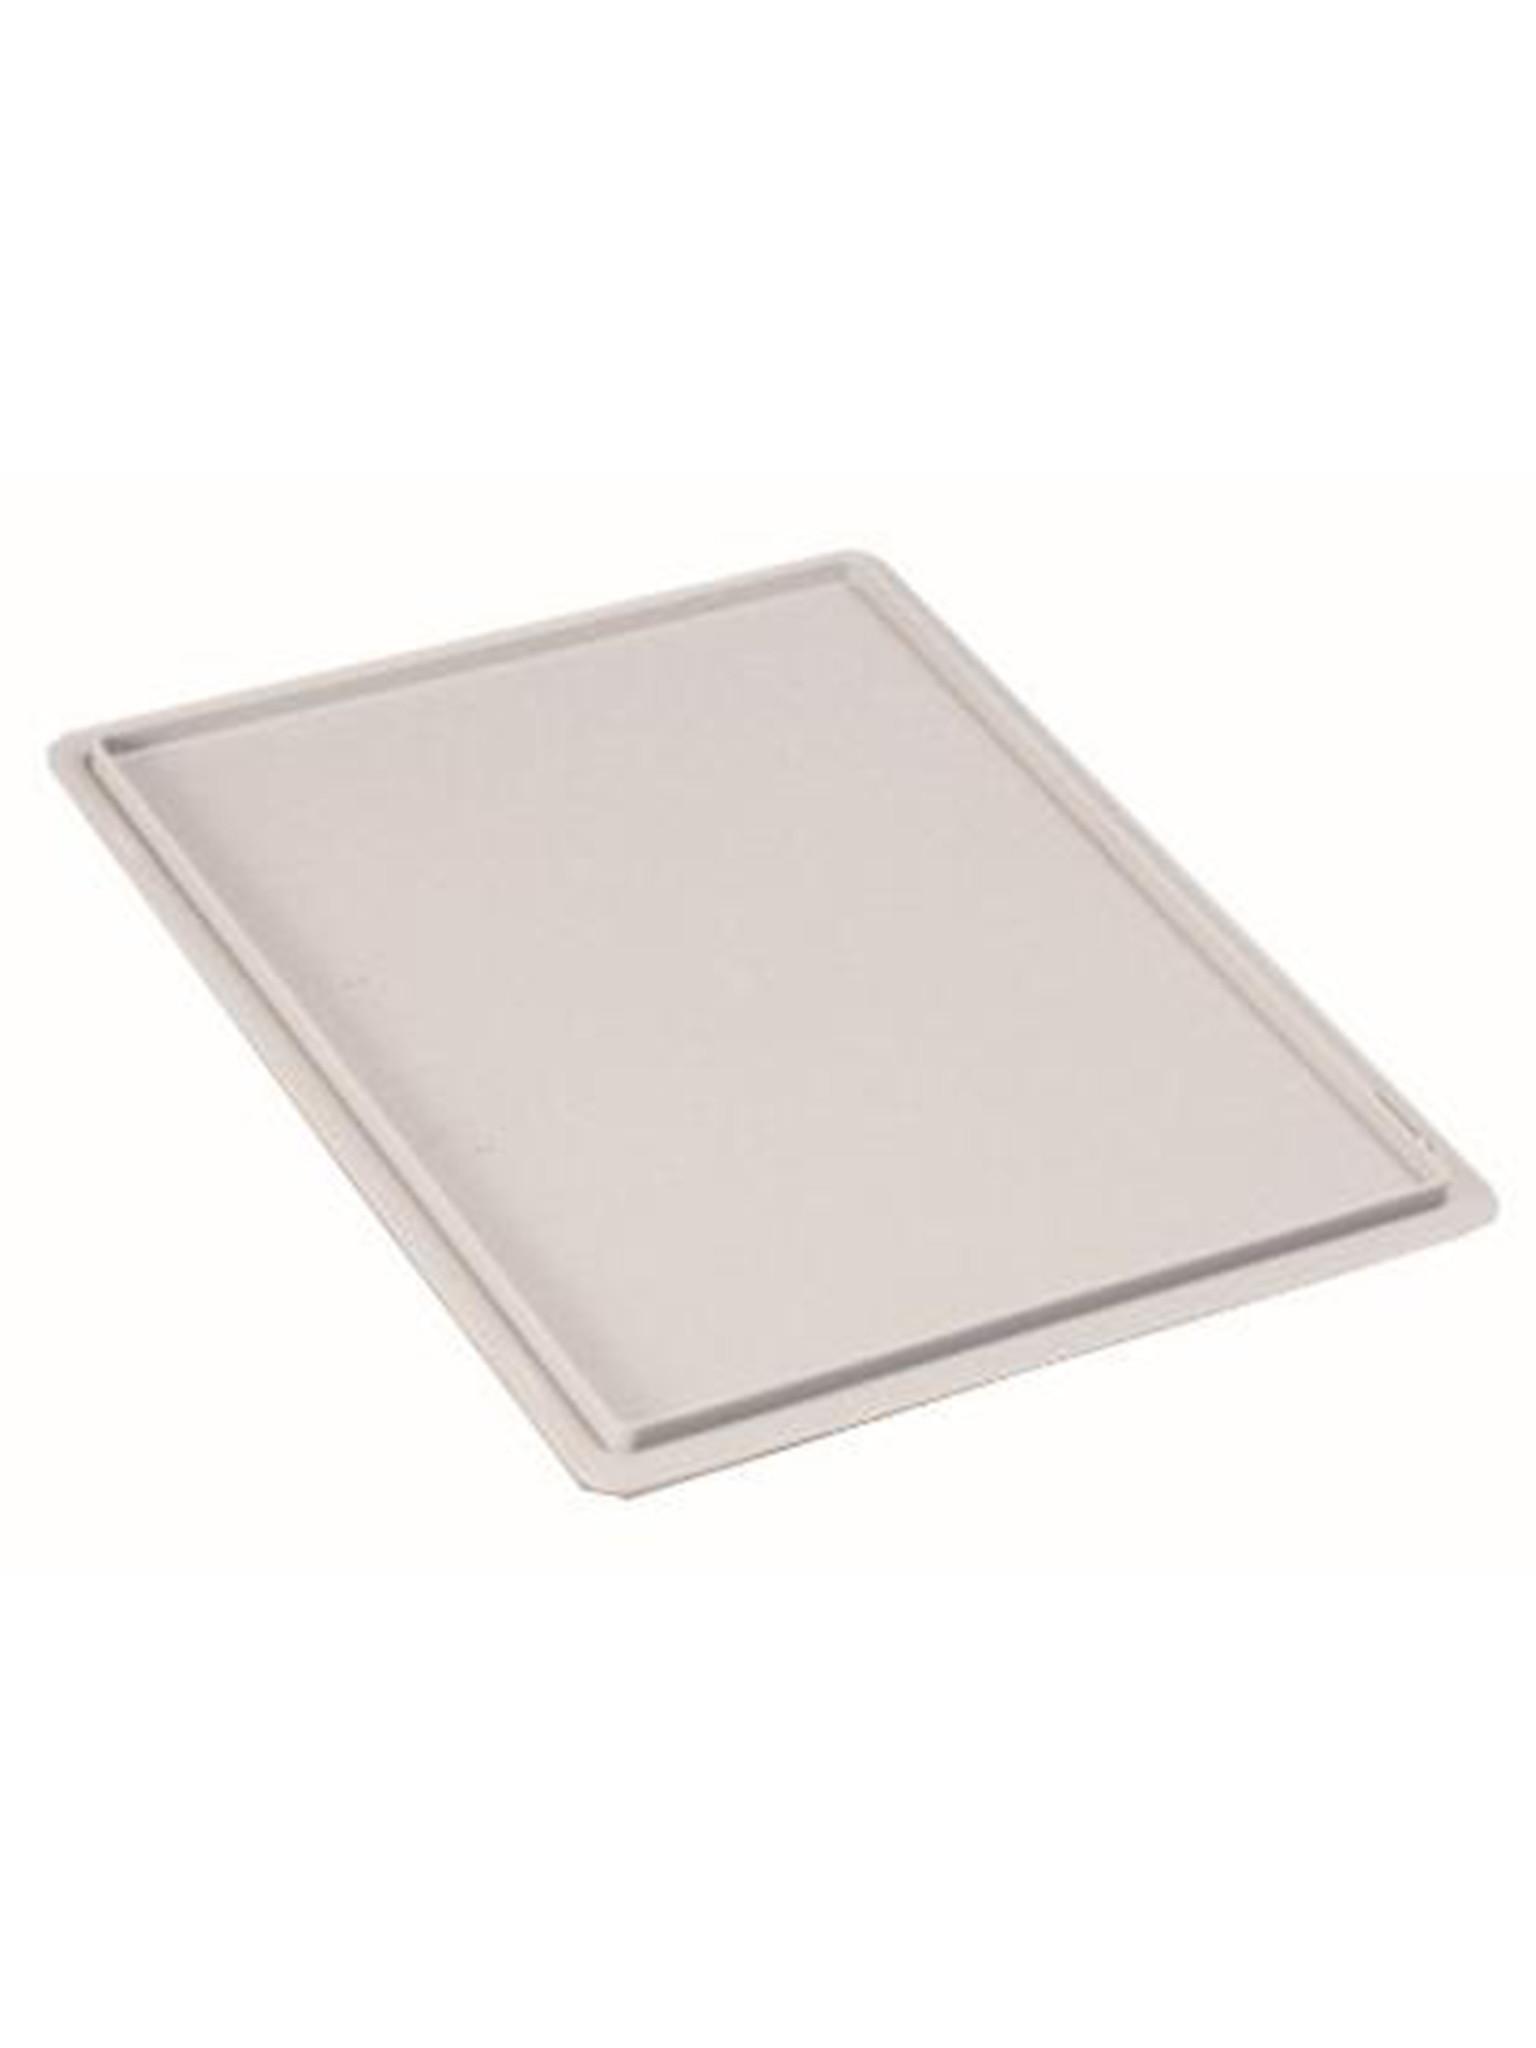 Deksel voor pizzabollenbak - 60 x 40 CM - Wit - Promoline